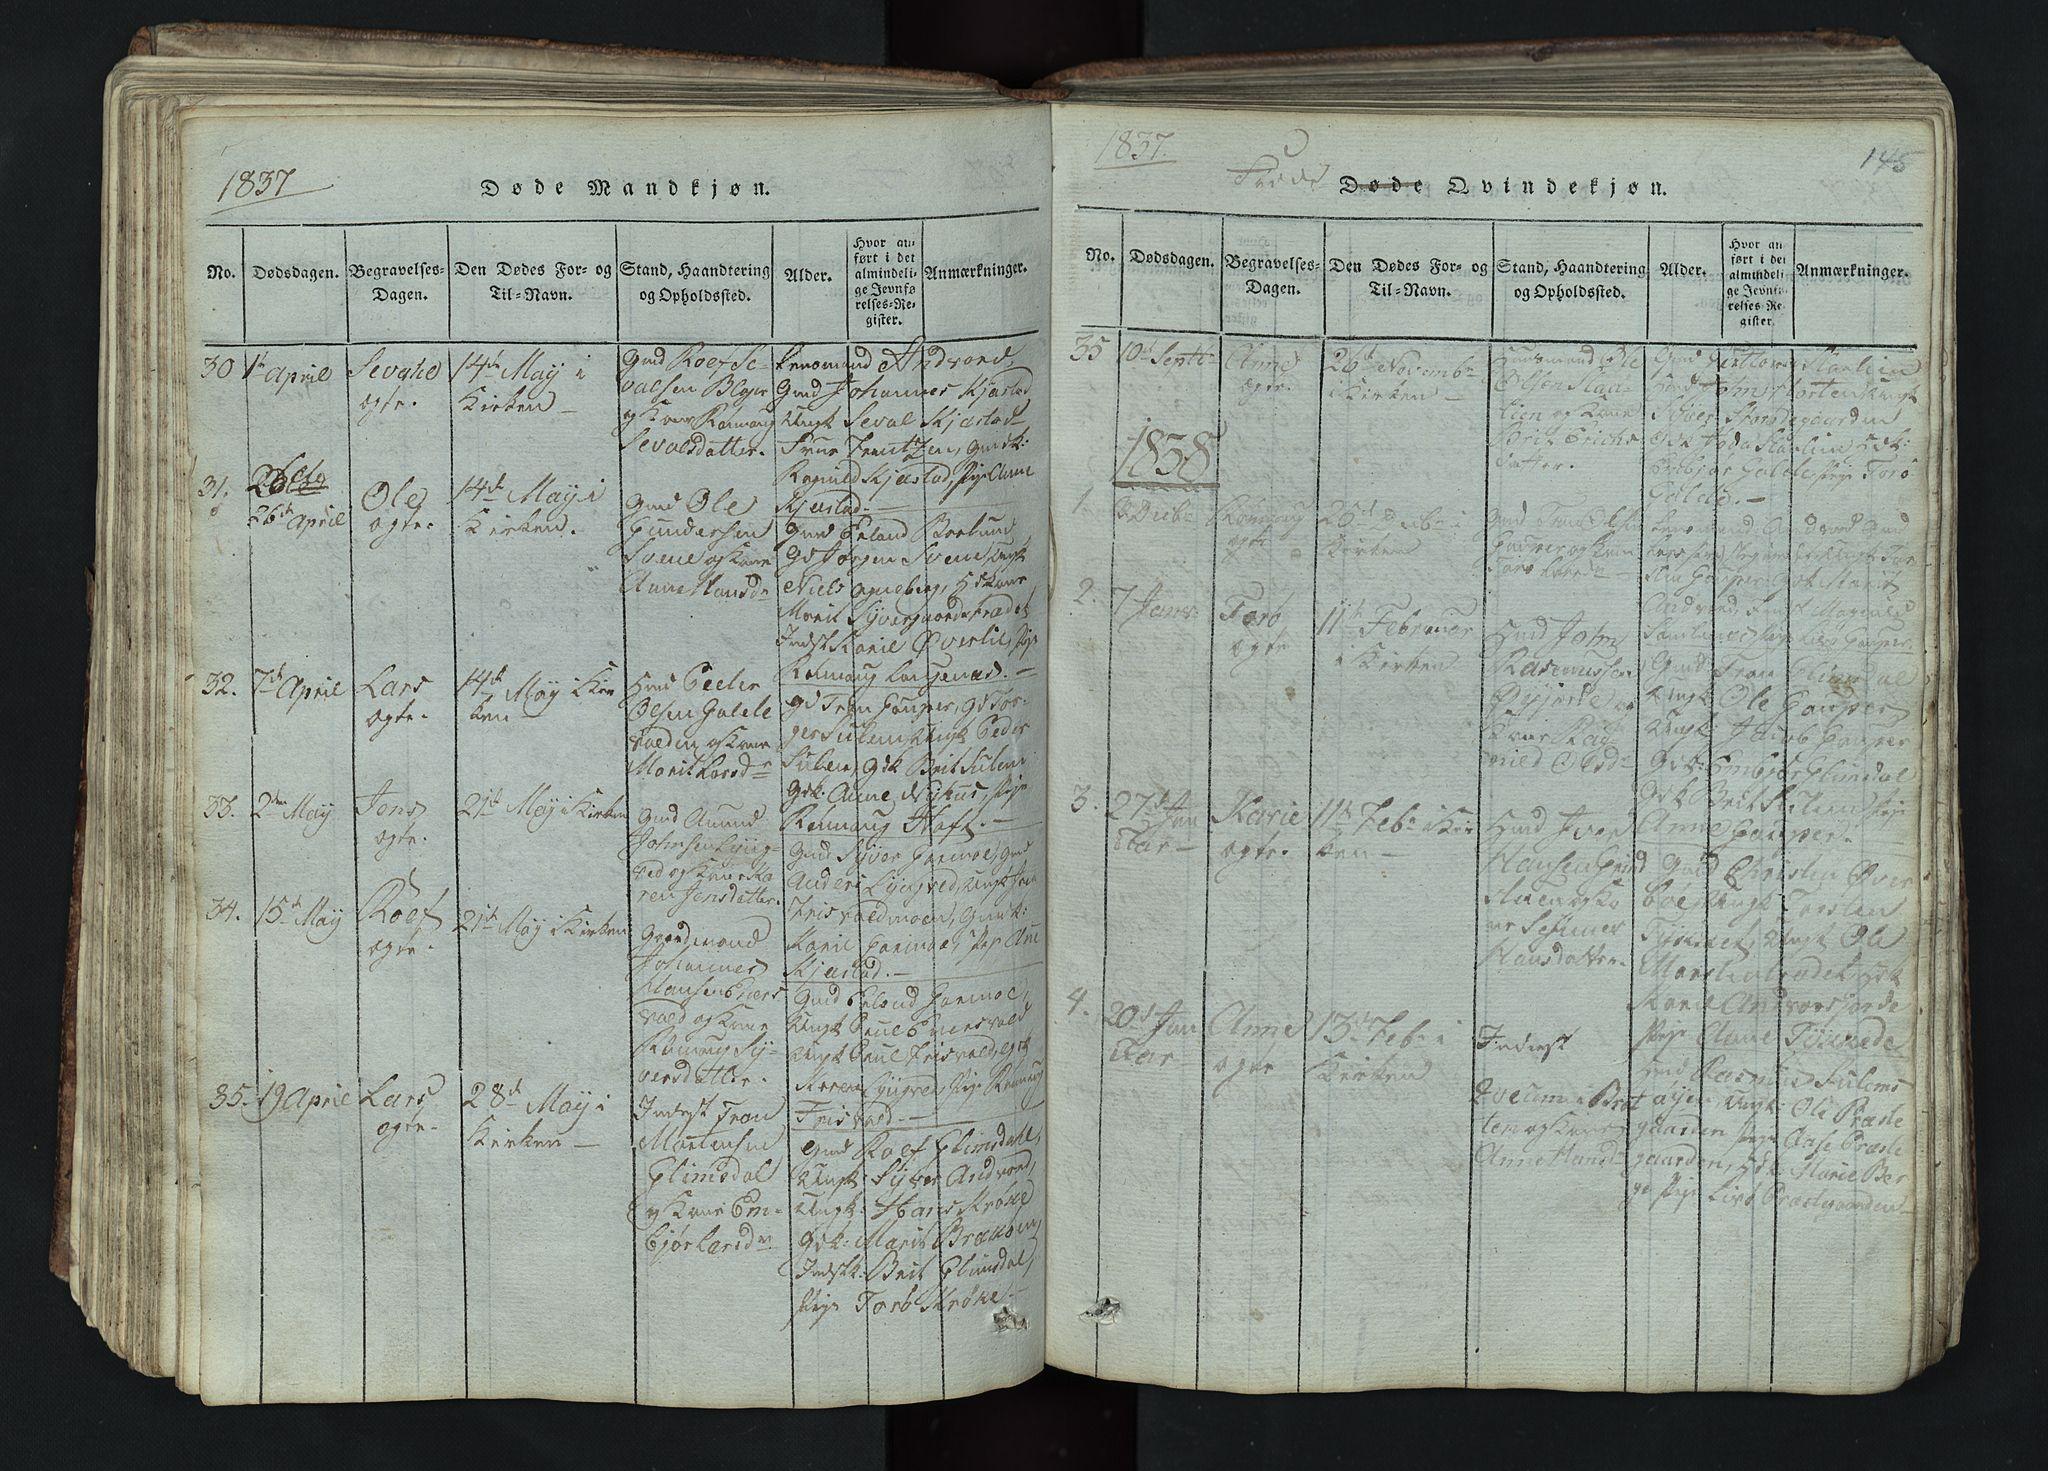 SAH, Lom prestekontor, L/L0002: Klokkerbok nr. 2, 1815-1844, s. 145